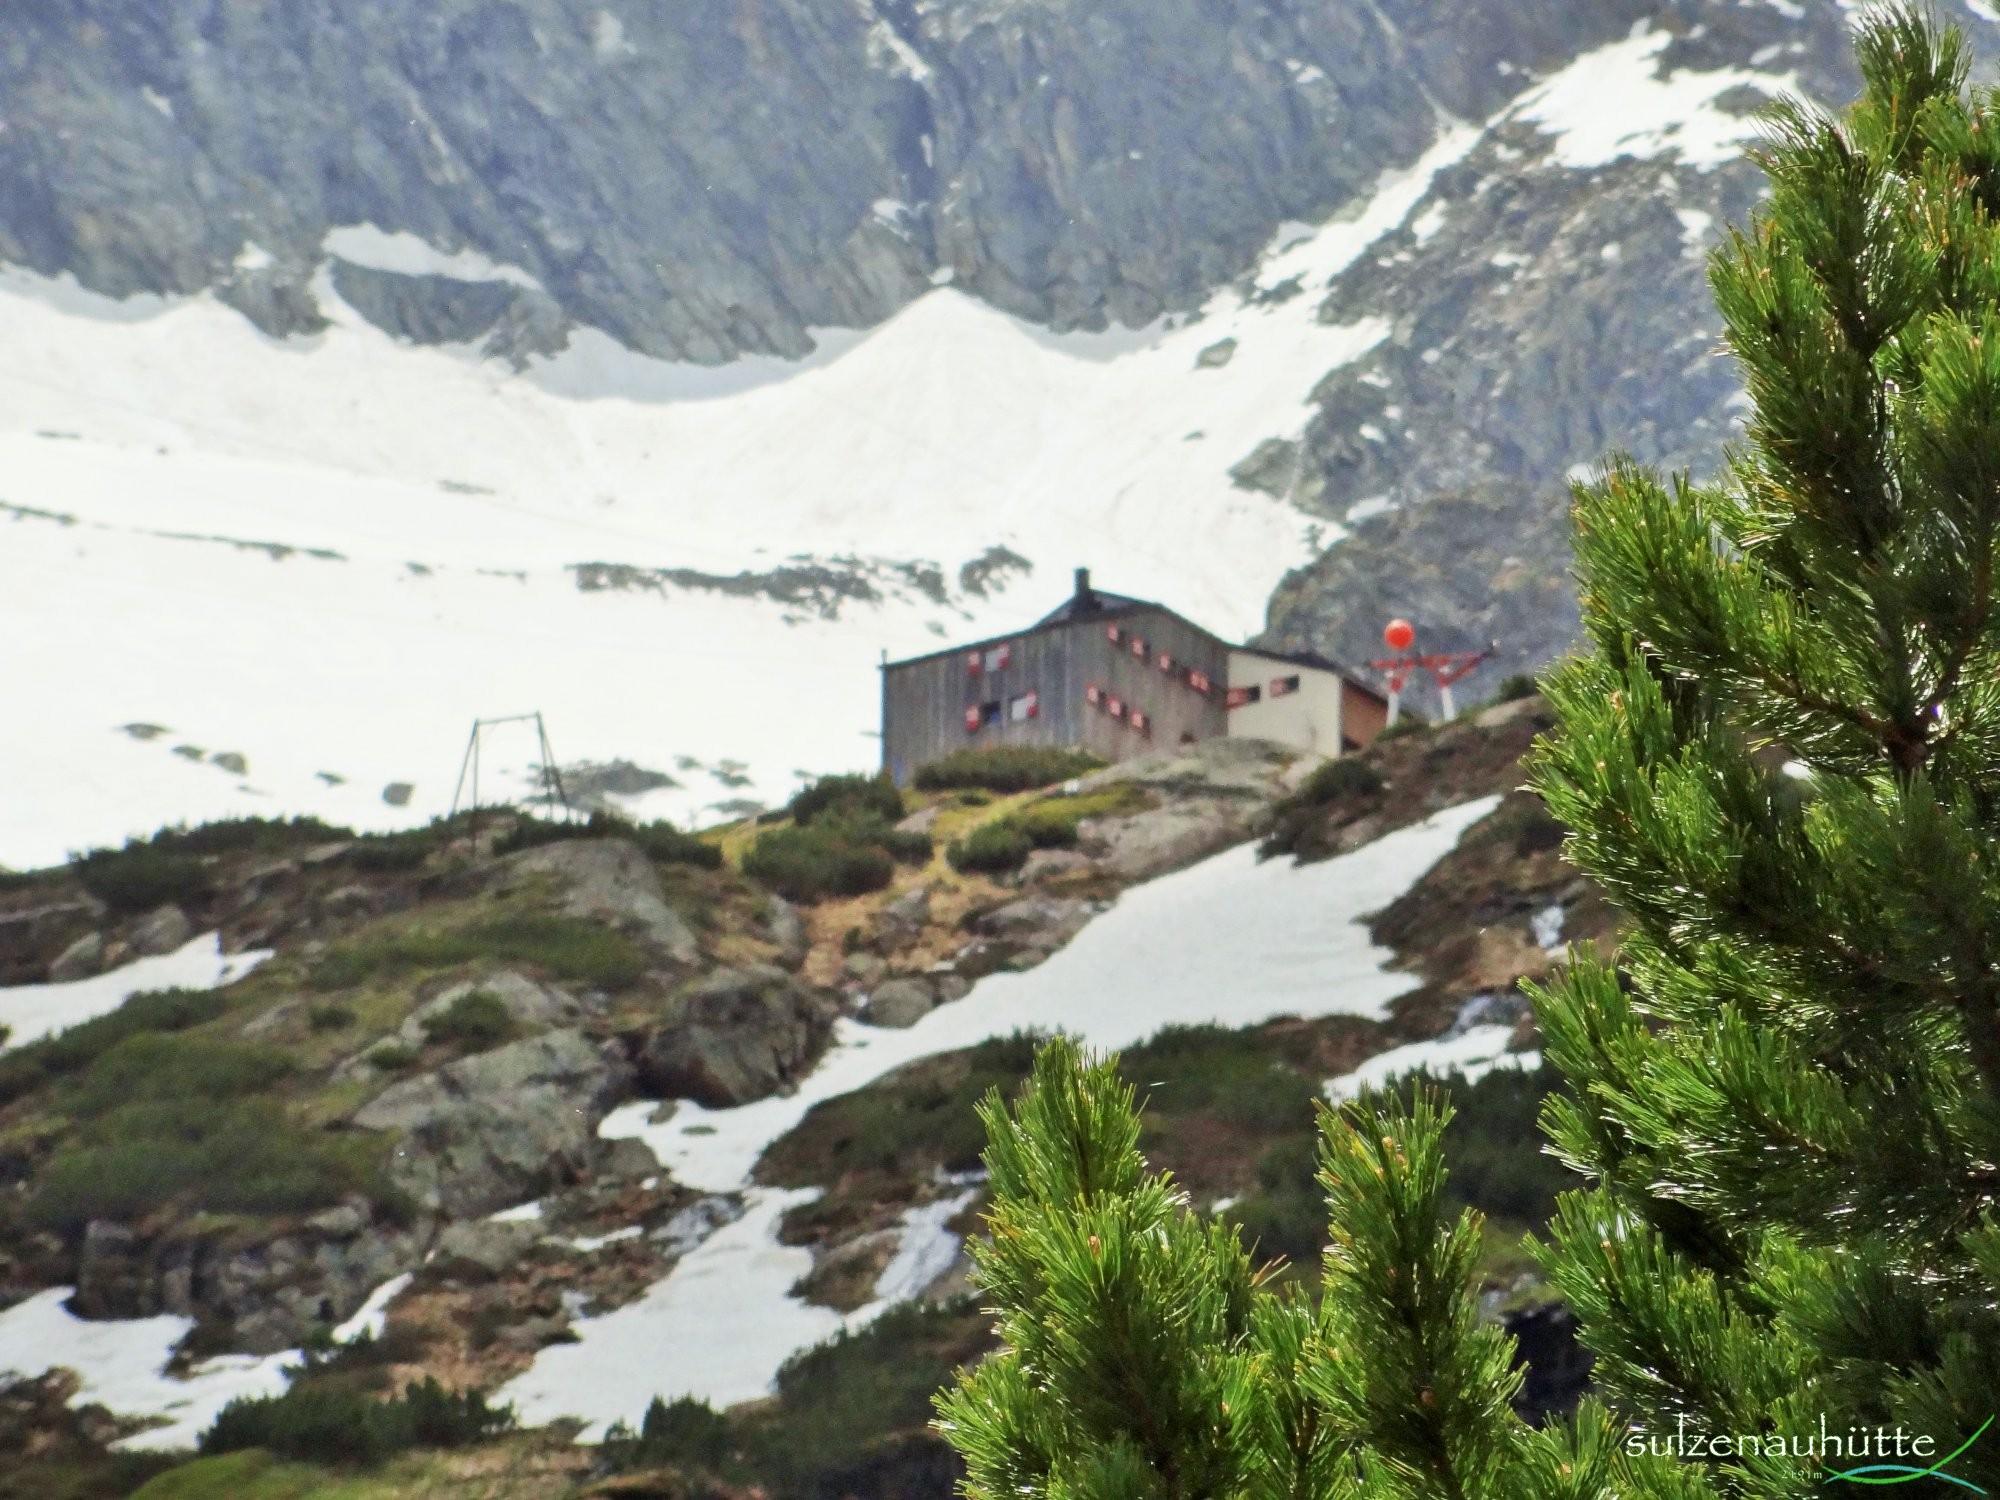 Sulzenauer Hütte